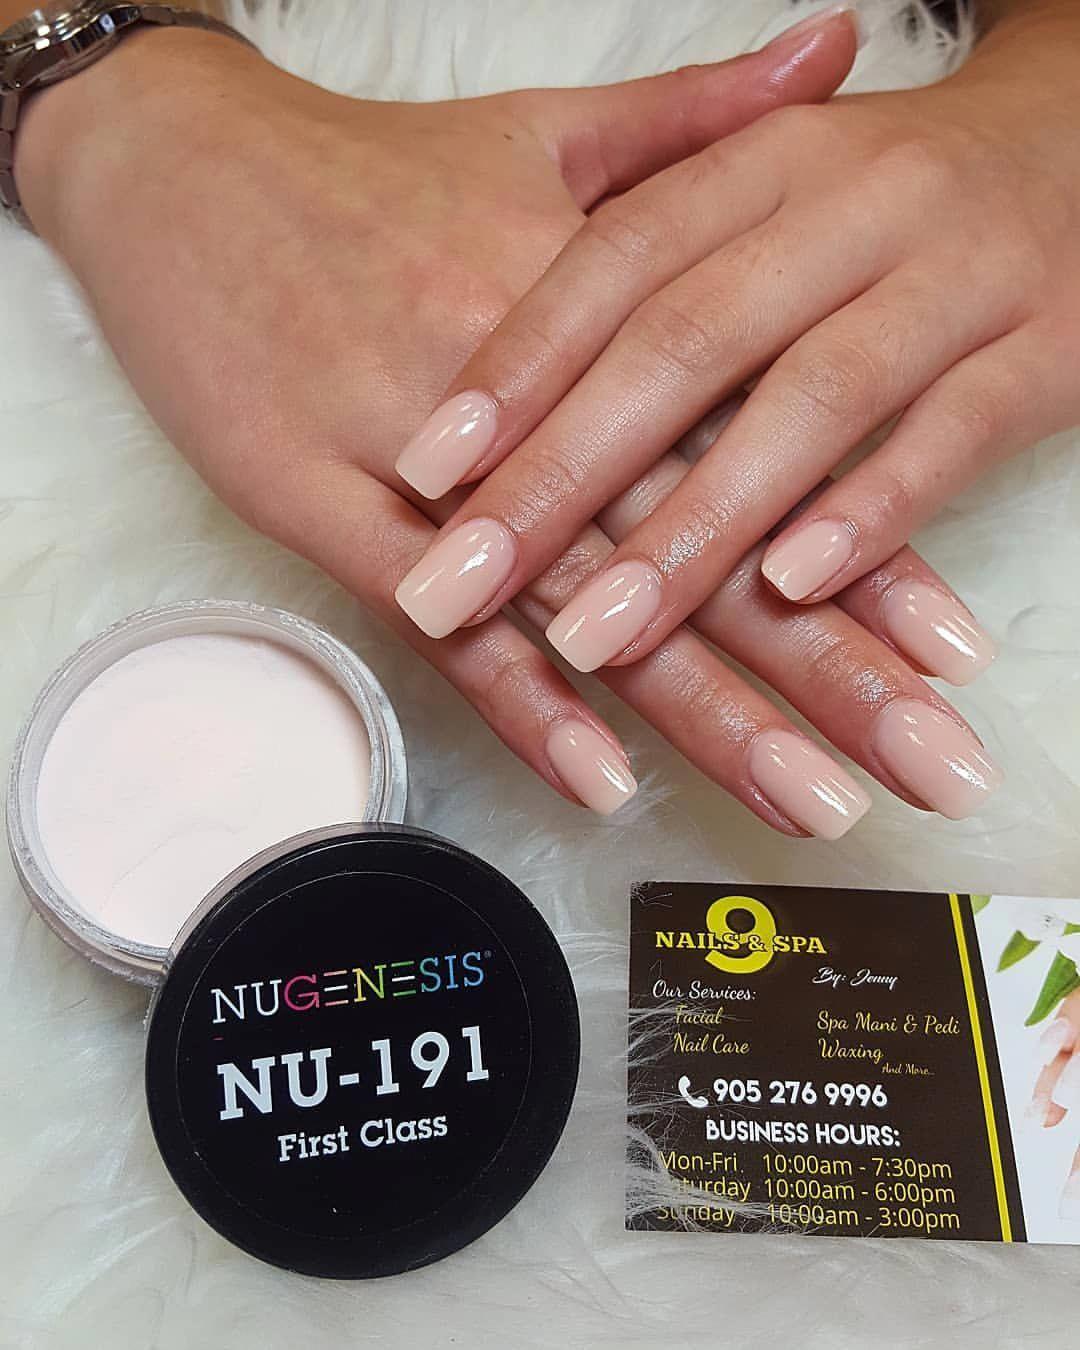 Nugenesis 9nails Spa Nails Nugenesis Dippowdernails Dippowder